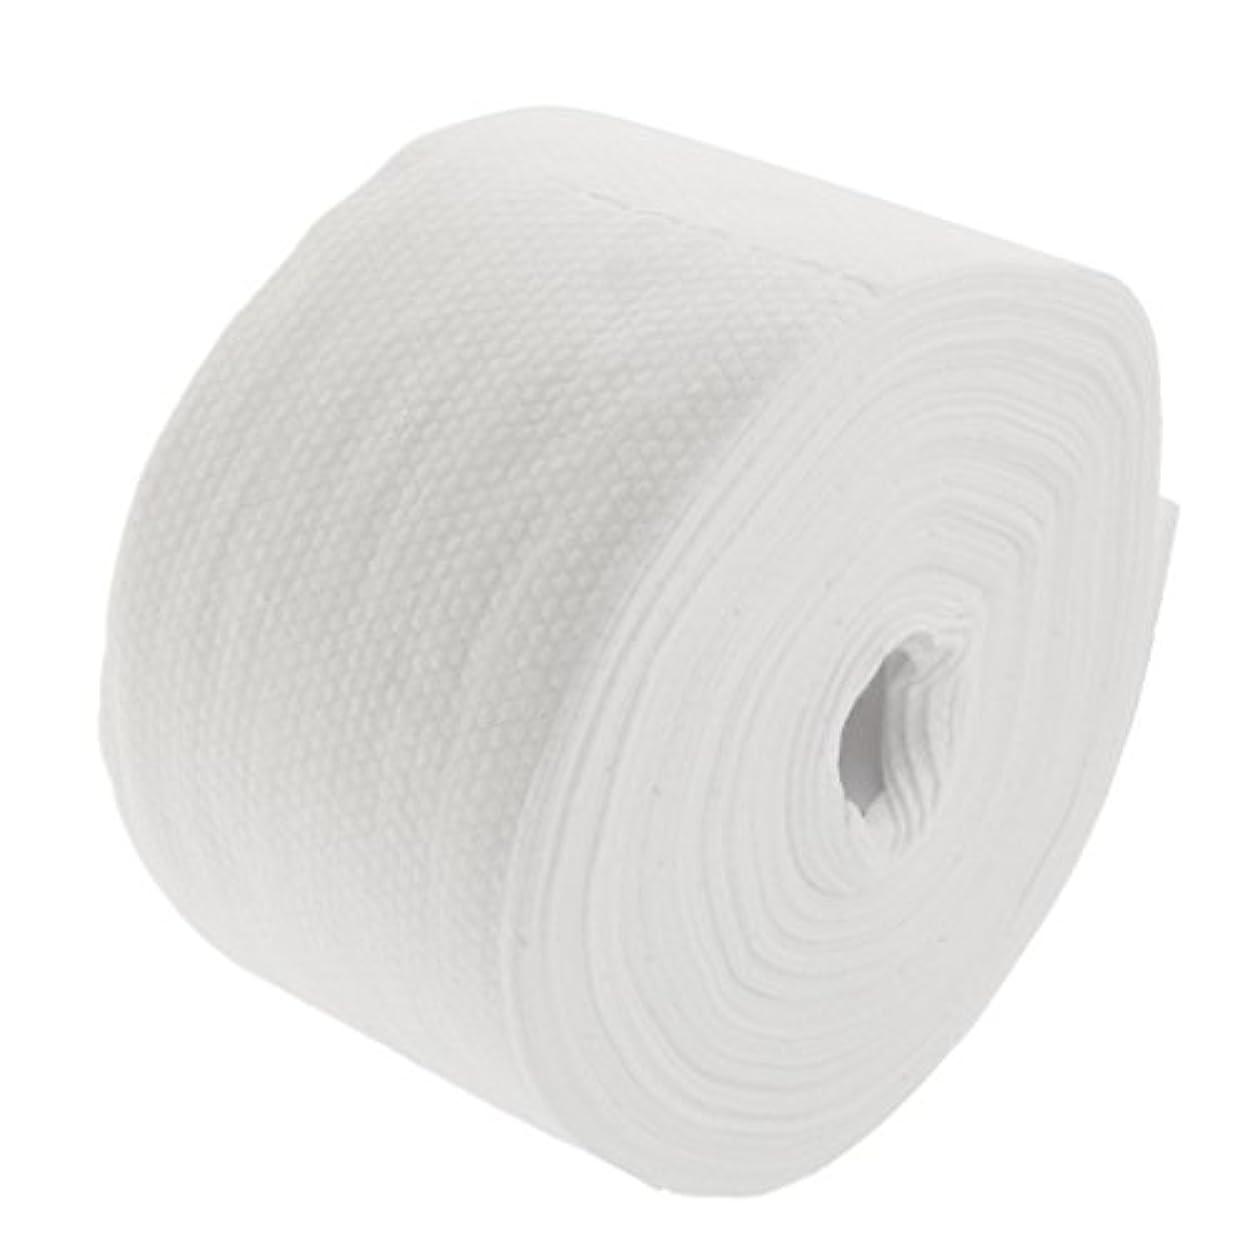 技術チューリップ歩行者Perfeclan ロール式 使い捨て フェイシャルタオル 30M 使い捨てタオル 繊維 クレンジング フェイシャル メイクリムーバー 2タイプ選べる - #2